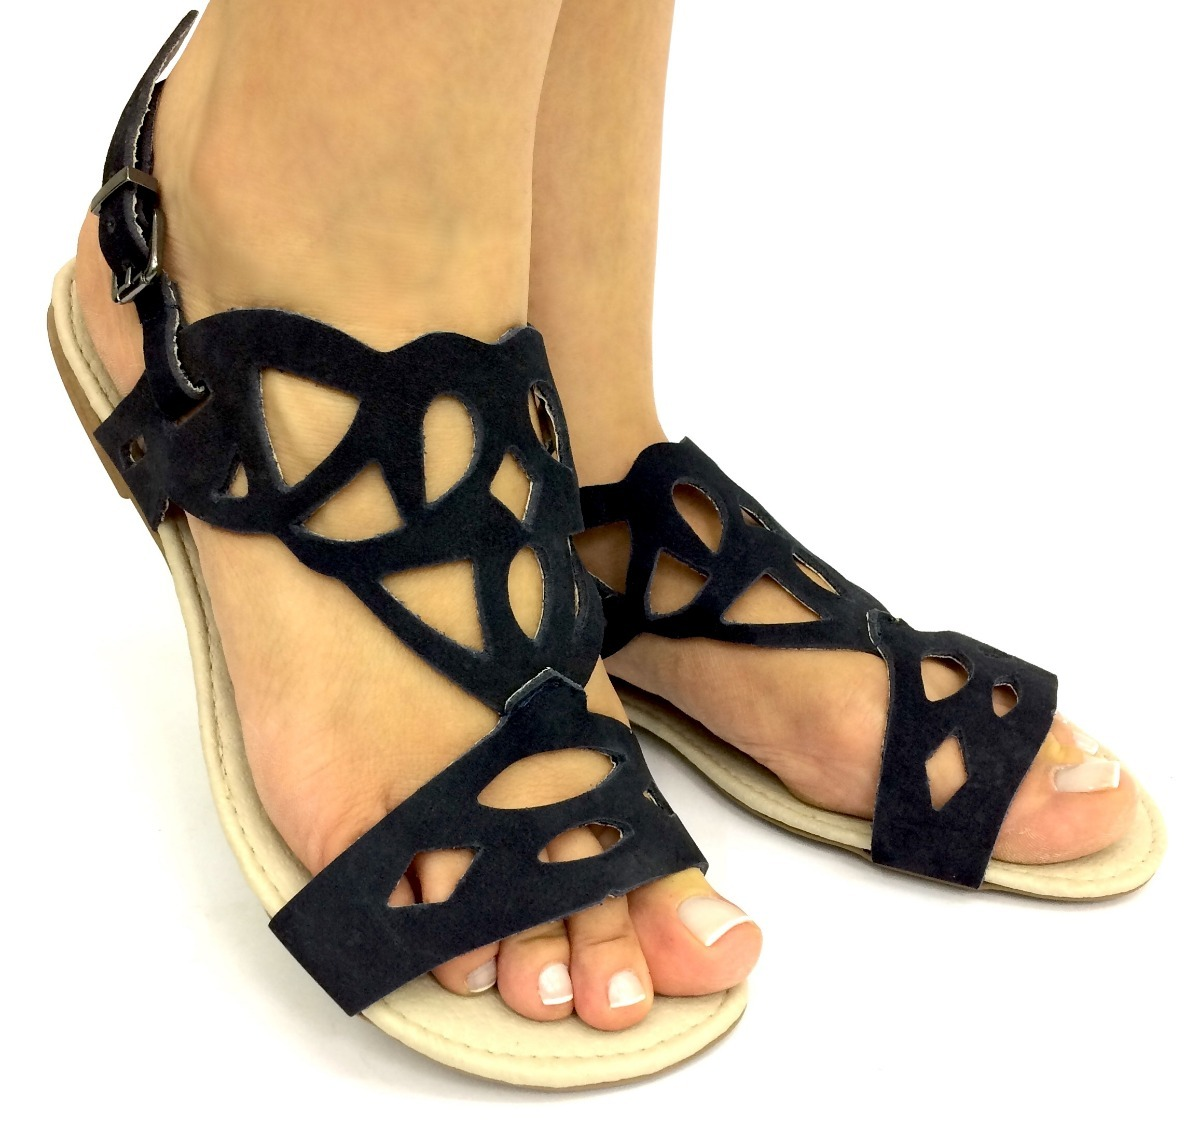 840c3ba1c0 rasteirinha sandália couro preto feminina bonita barata a+. Carregando zoom.